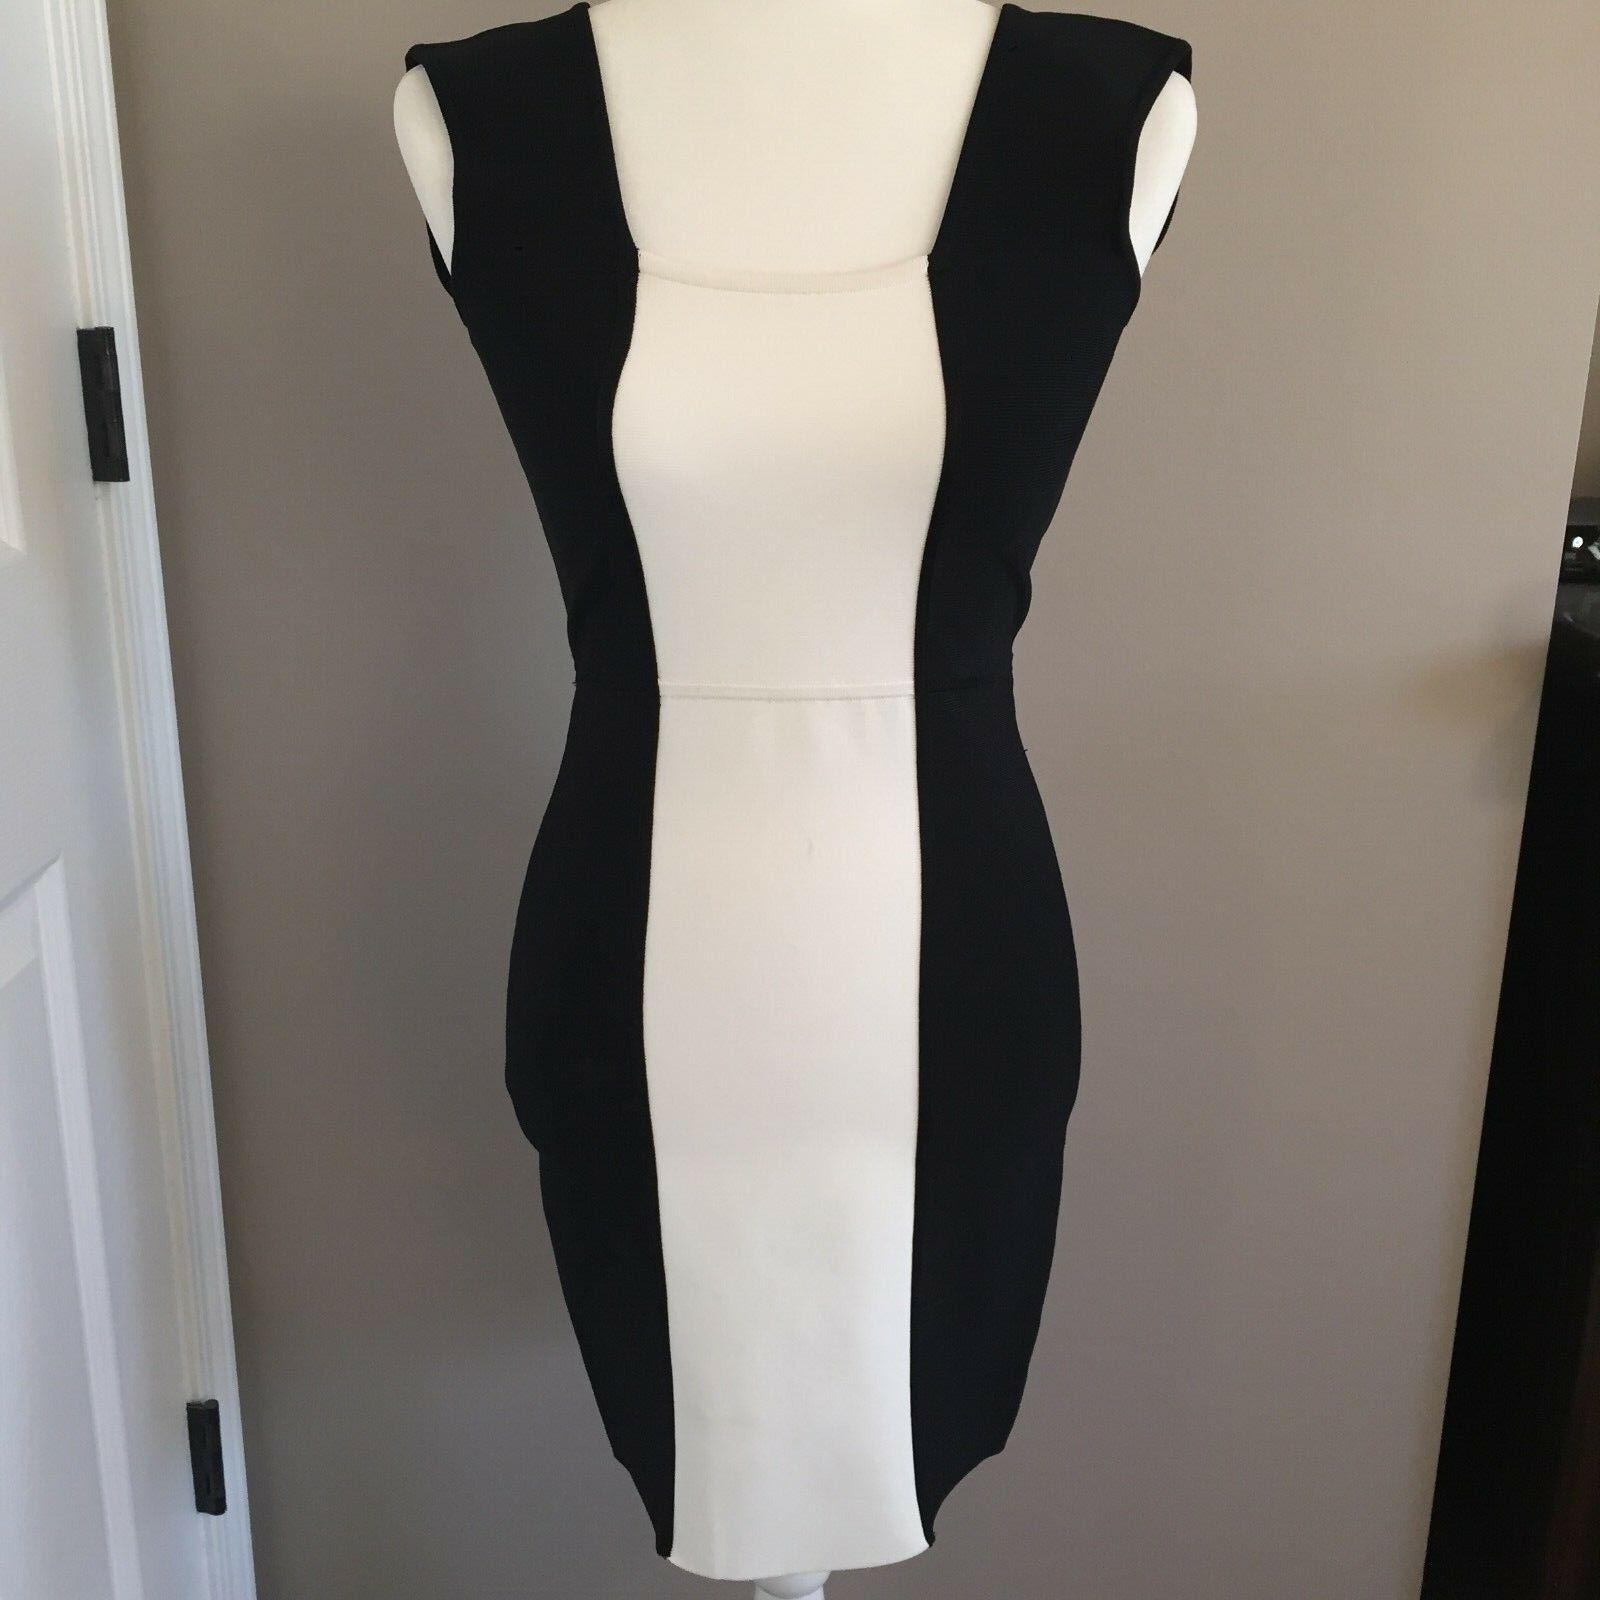 NWT BCBG Maxazria Größe M schwarz & Weiß Knit Bodycon Dress